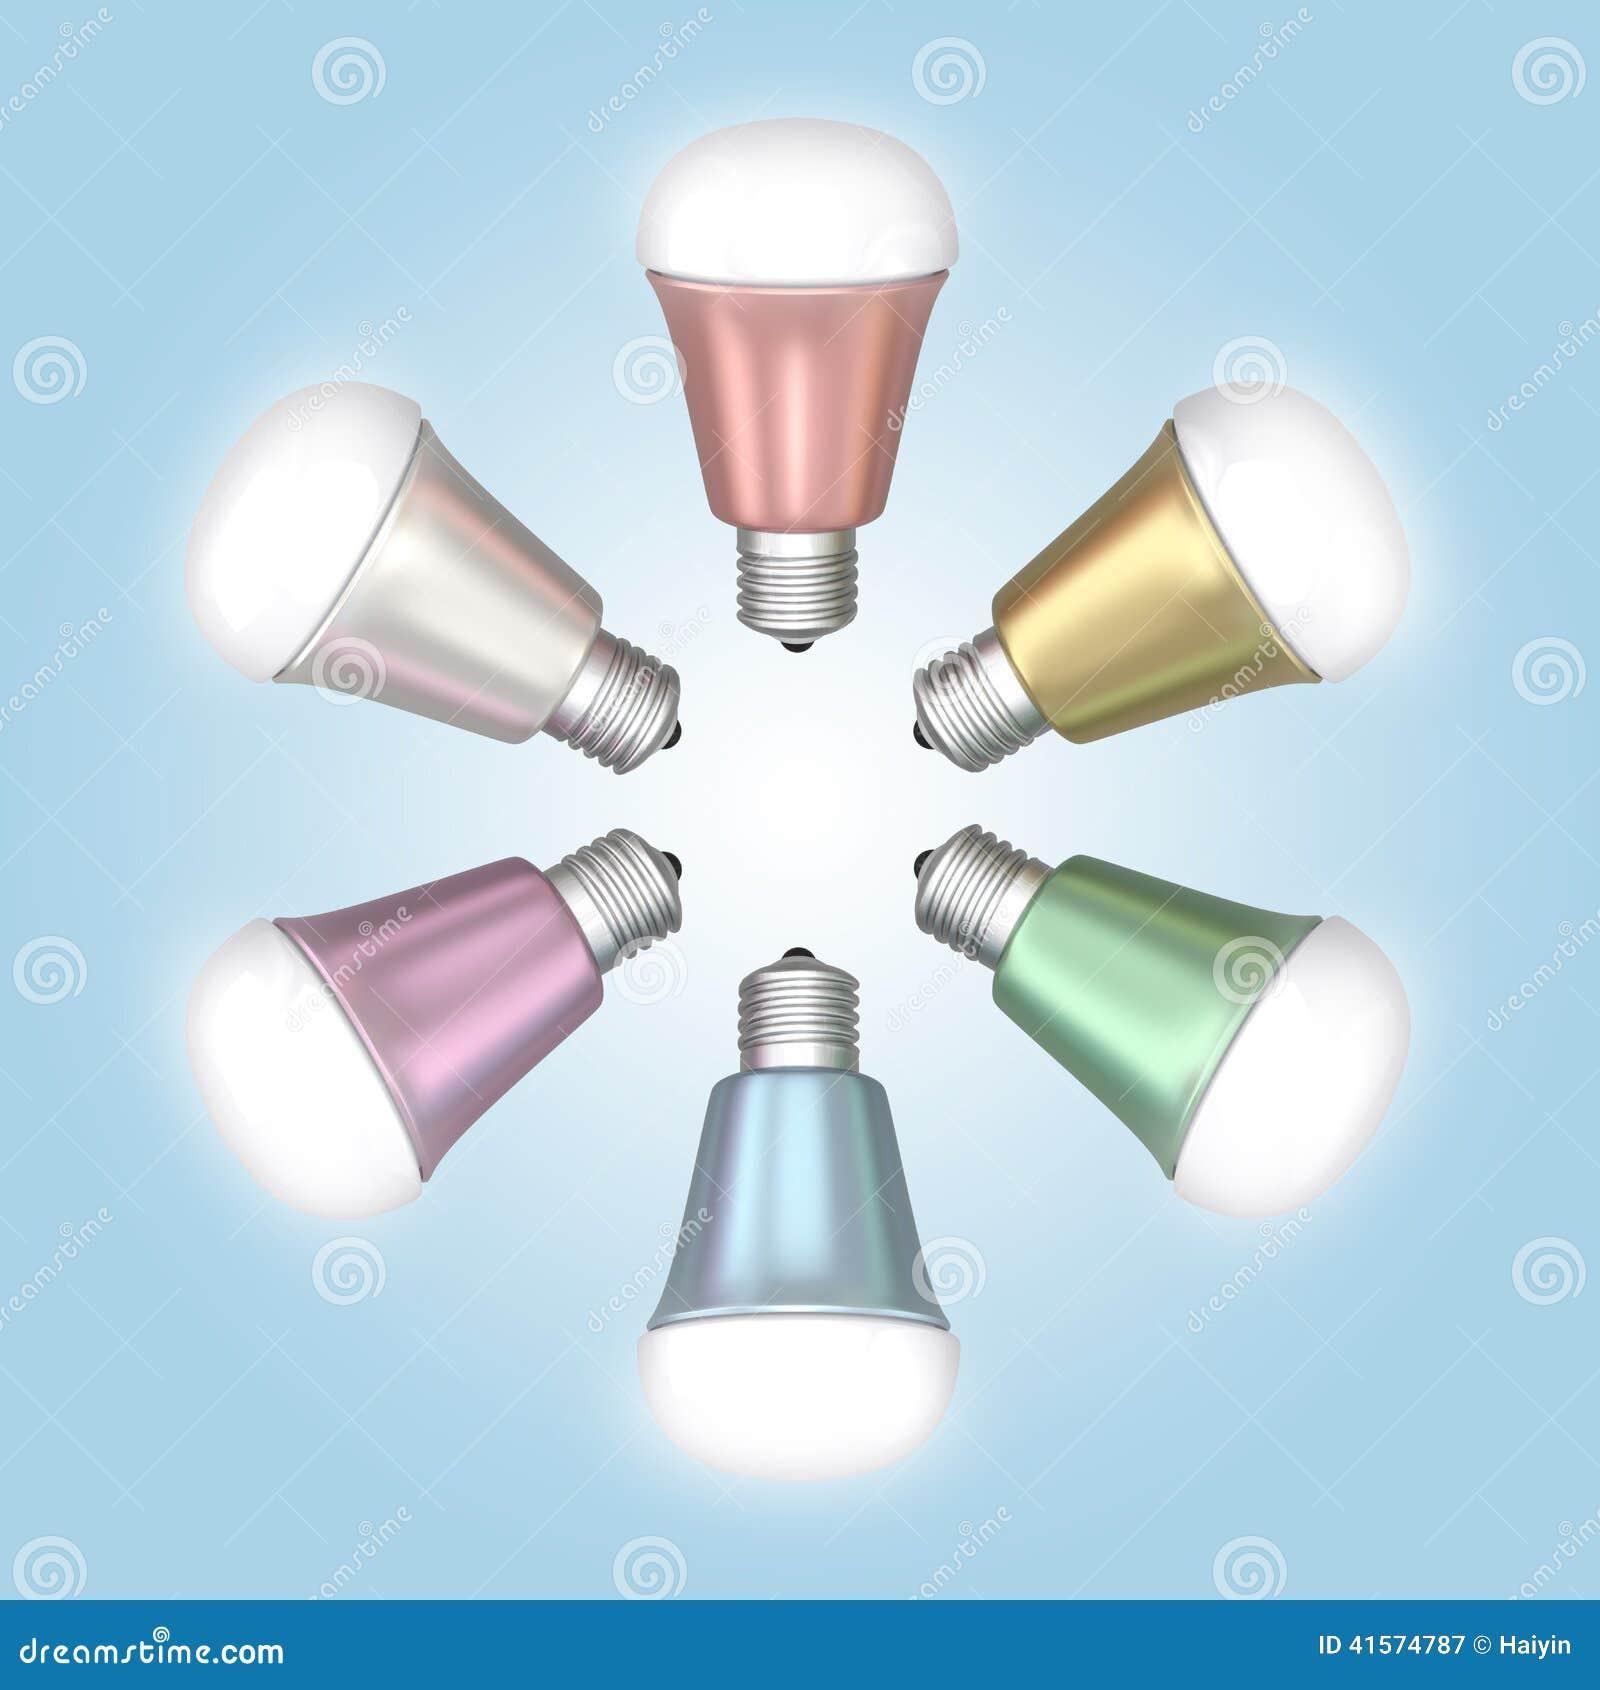 Energy Efficient Led Light Bulbs Arranged In Star Shape Stock Illustration Image 41574787